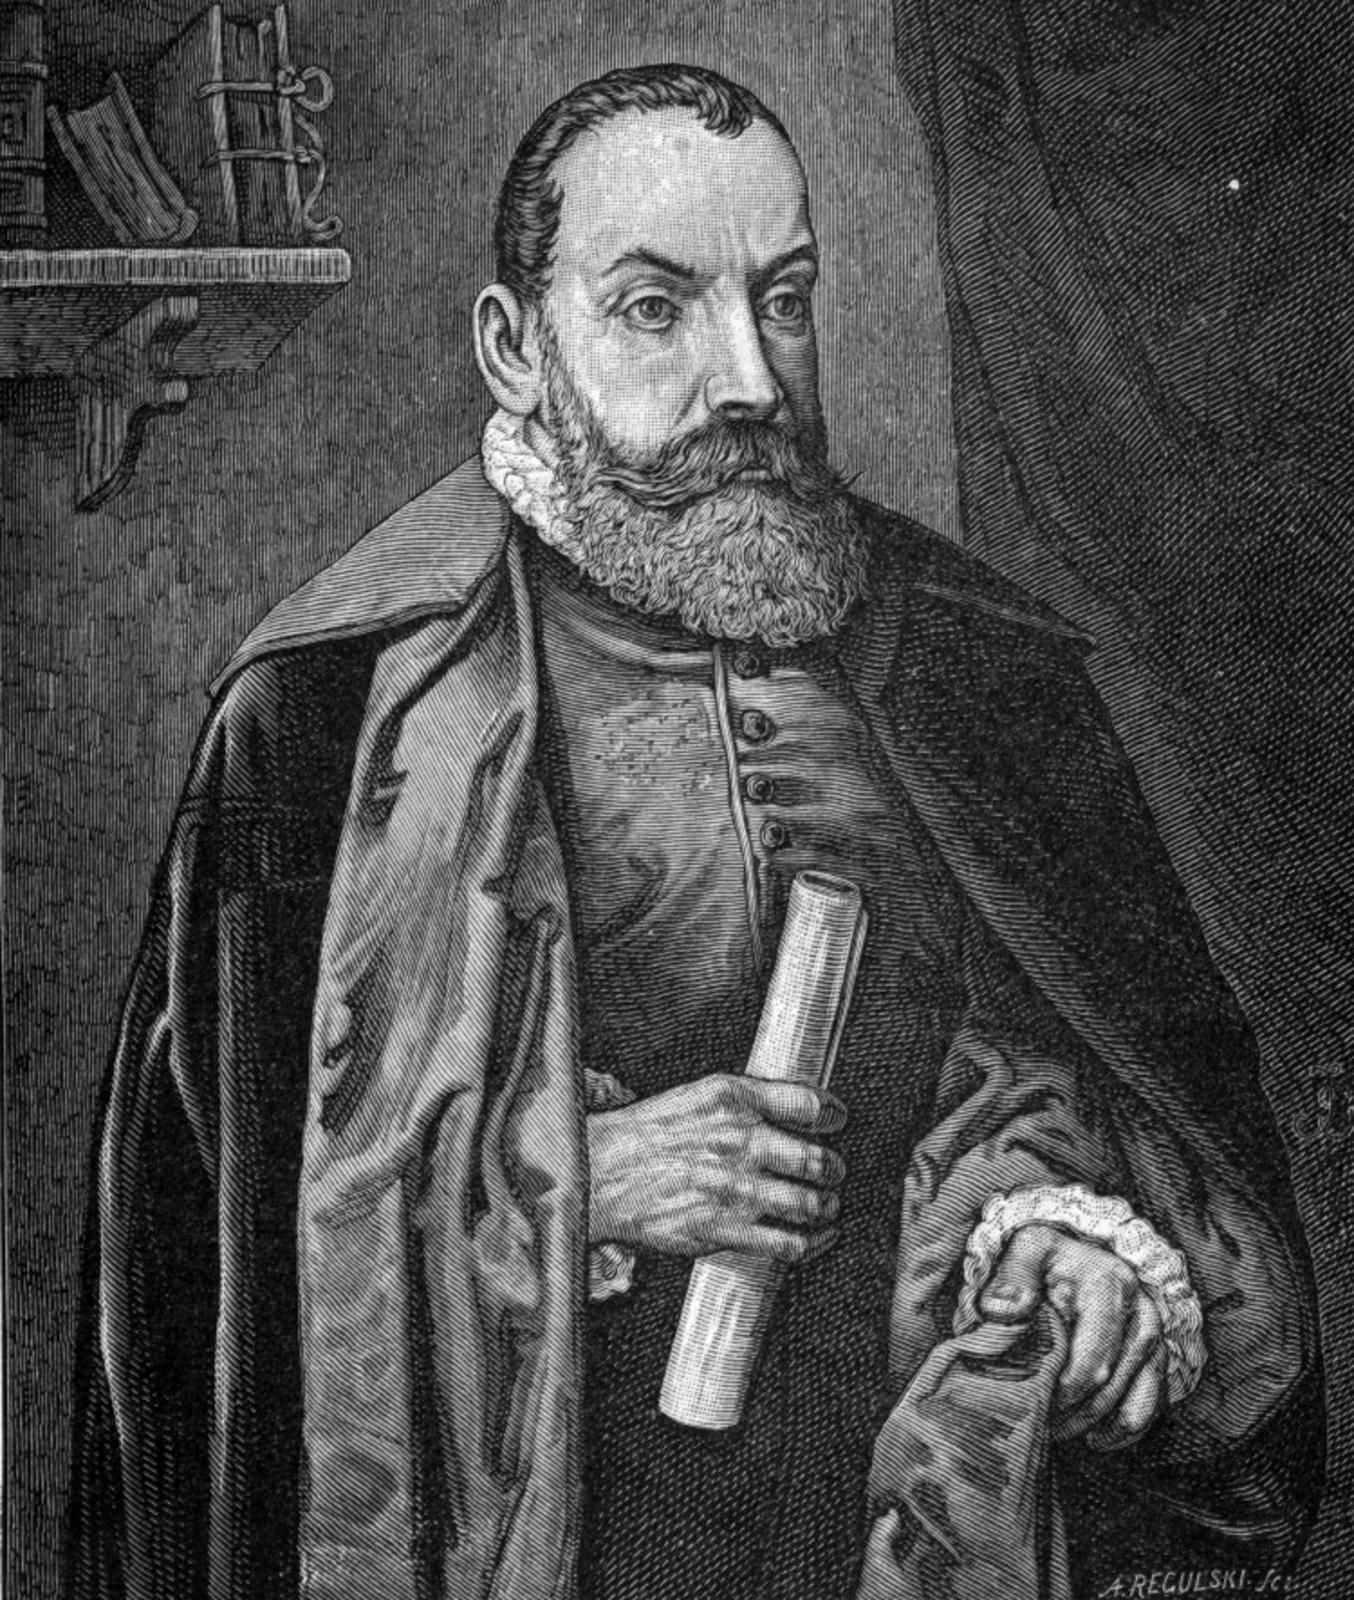 Ilustracja przedstawia czarno-biały portret Jana Kochanowskiego, autorstwa Józefa Buchbindera. Poeta ukazany jest jako dojrzały mężczyzna. Ma pokaźne wąsy ibrodę, wysokie czoło, dość duży prosty nos. Wyraźnie zarysowane oczy patrzą wdal. Ubrany jest wkaftan, na który ma zarzucony płaszcz. Jedną ręką podtrzymuje połę płaszcza, wdrugiej trzyma zwój.